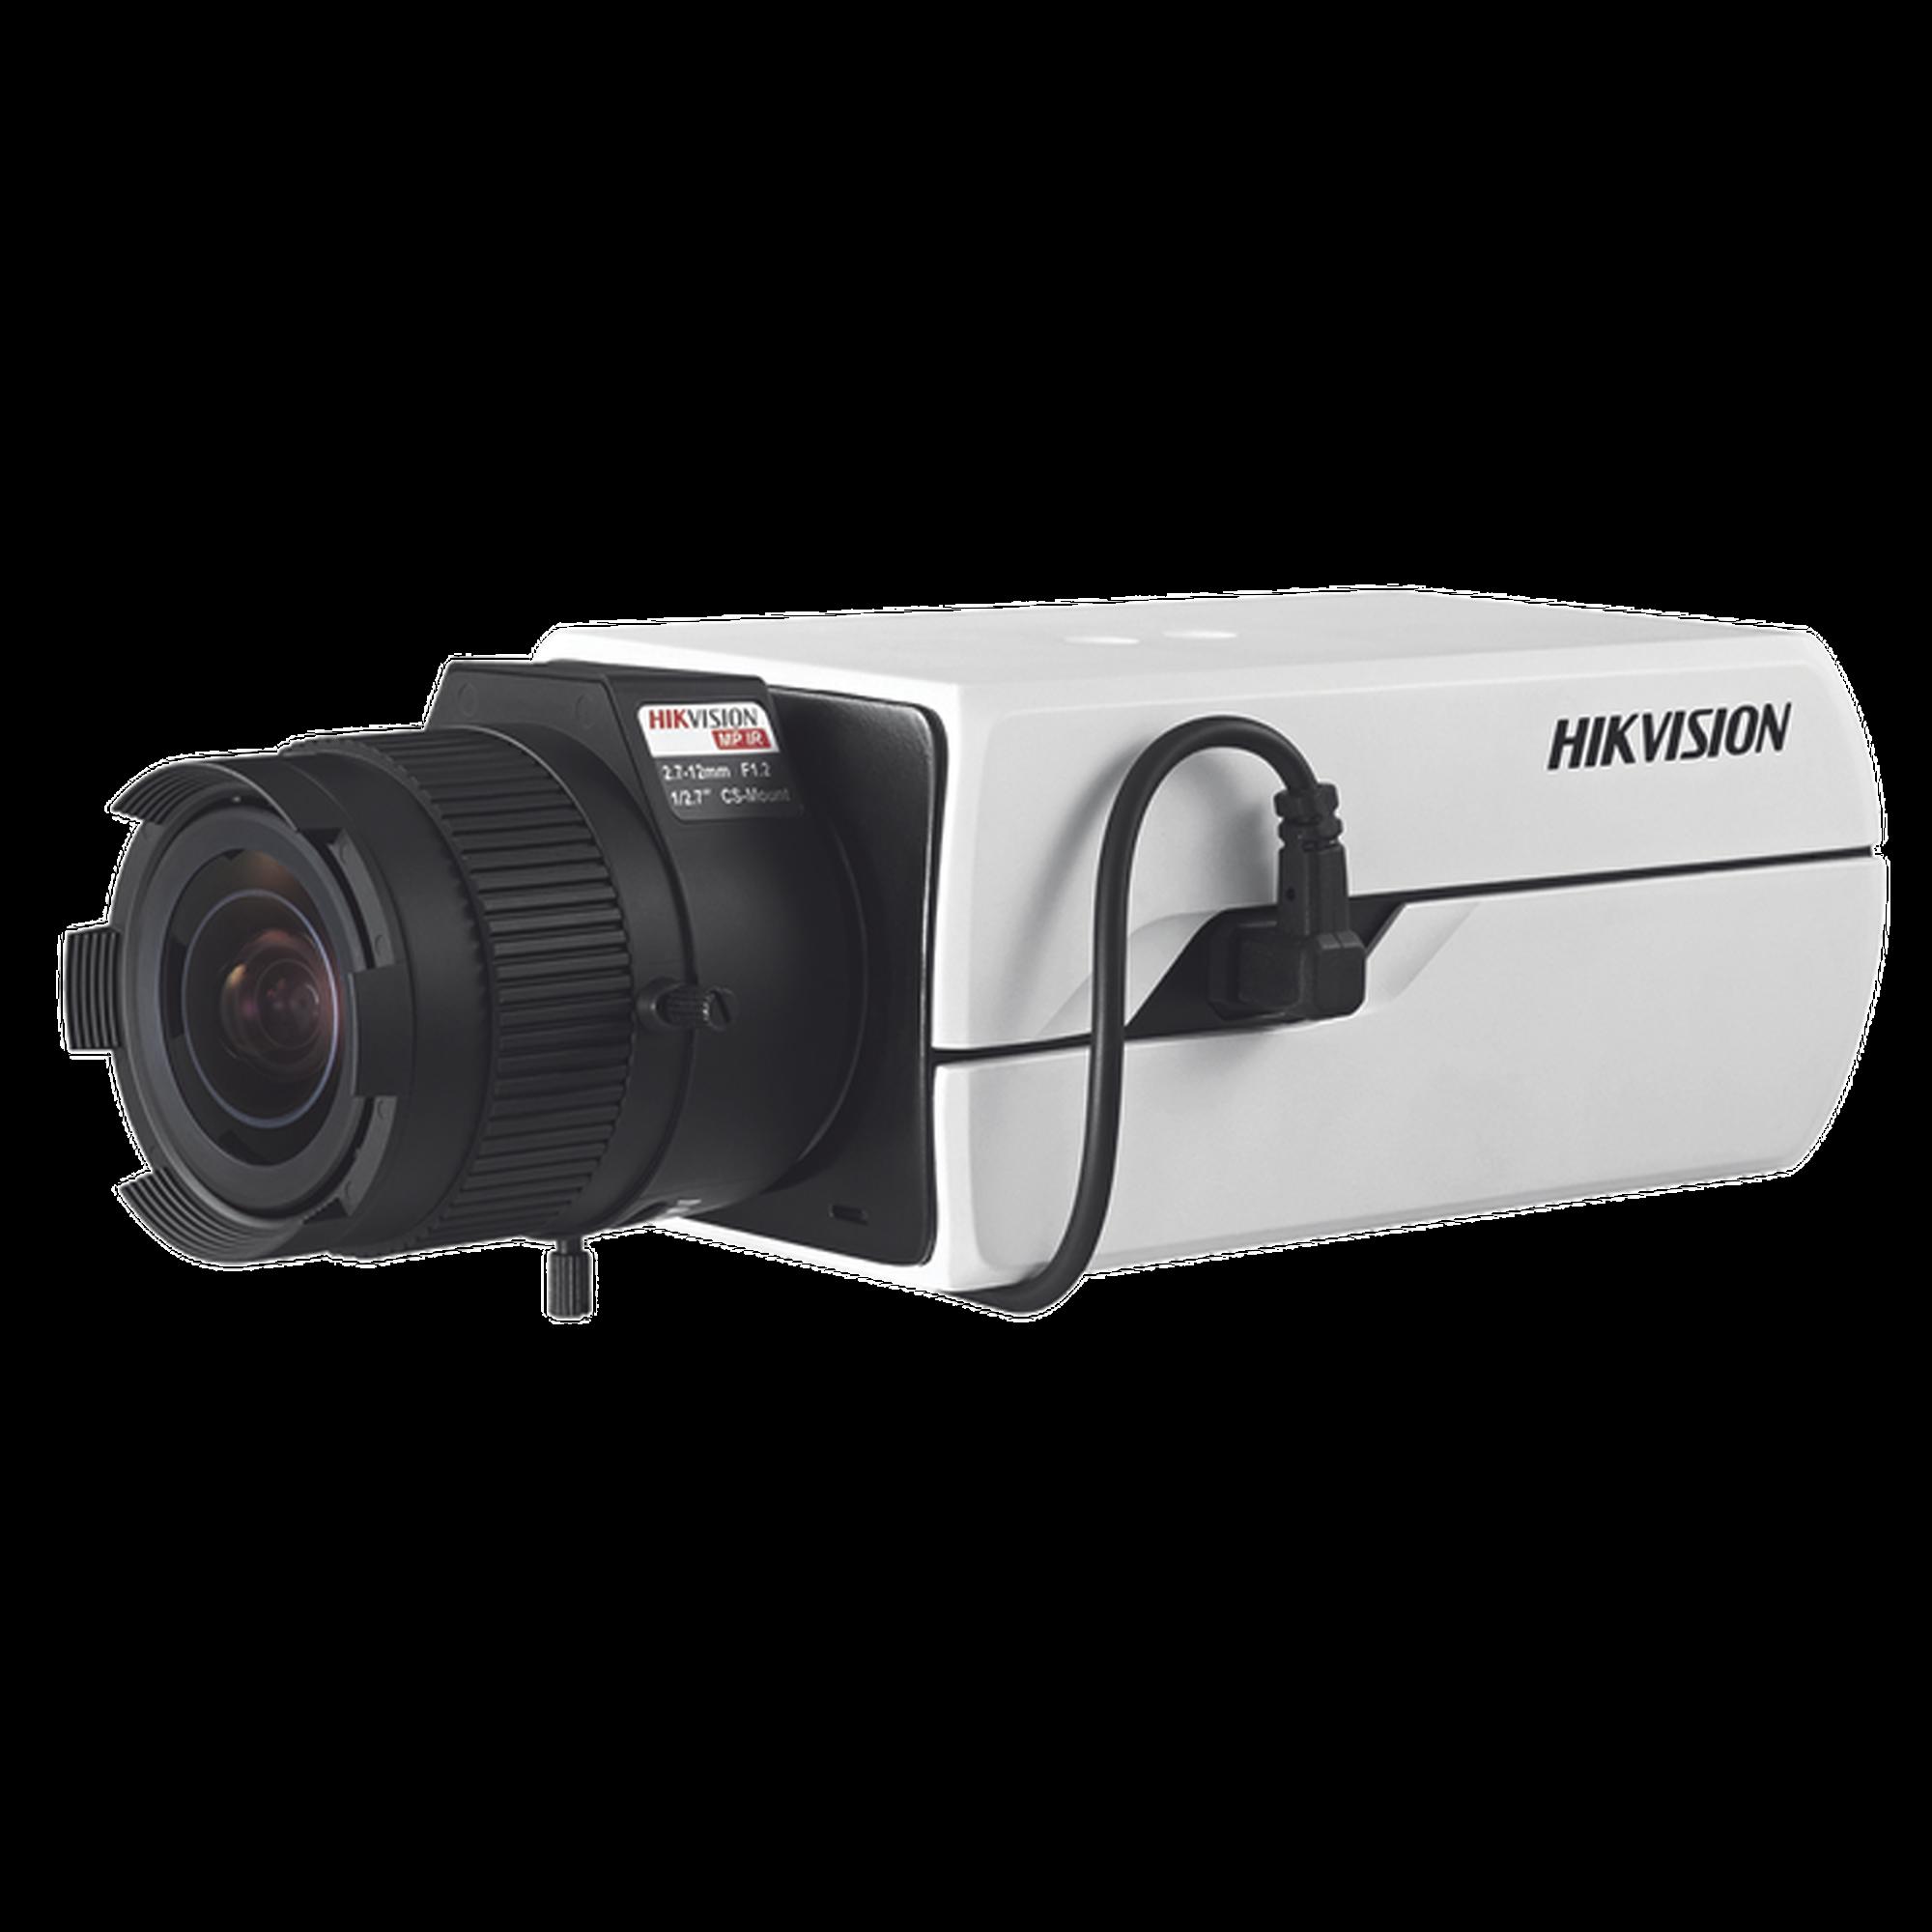 Cámara Tipó caja 3 Megapxel / Ultra Baja Iluminación / Detección Rostro / Conteo Objetos / WDR 120 dB / PoE / Defog / EIS